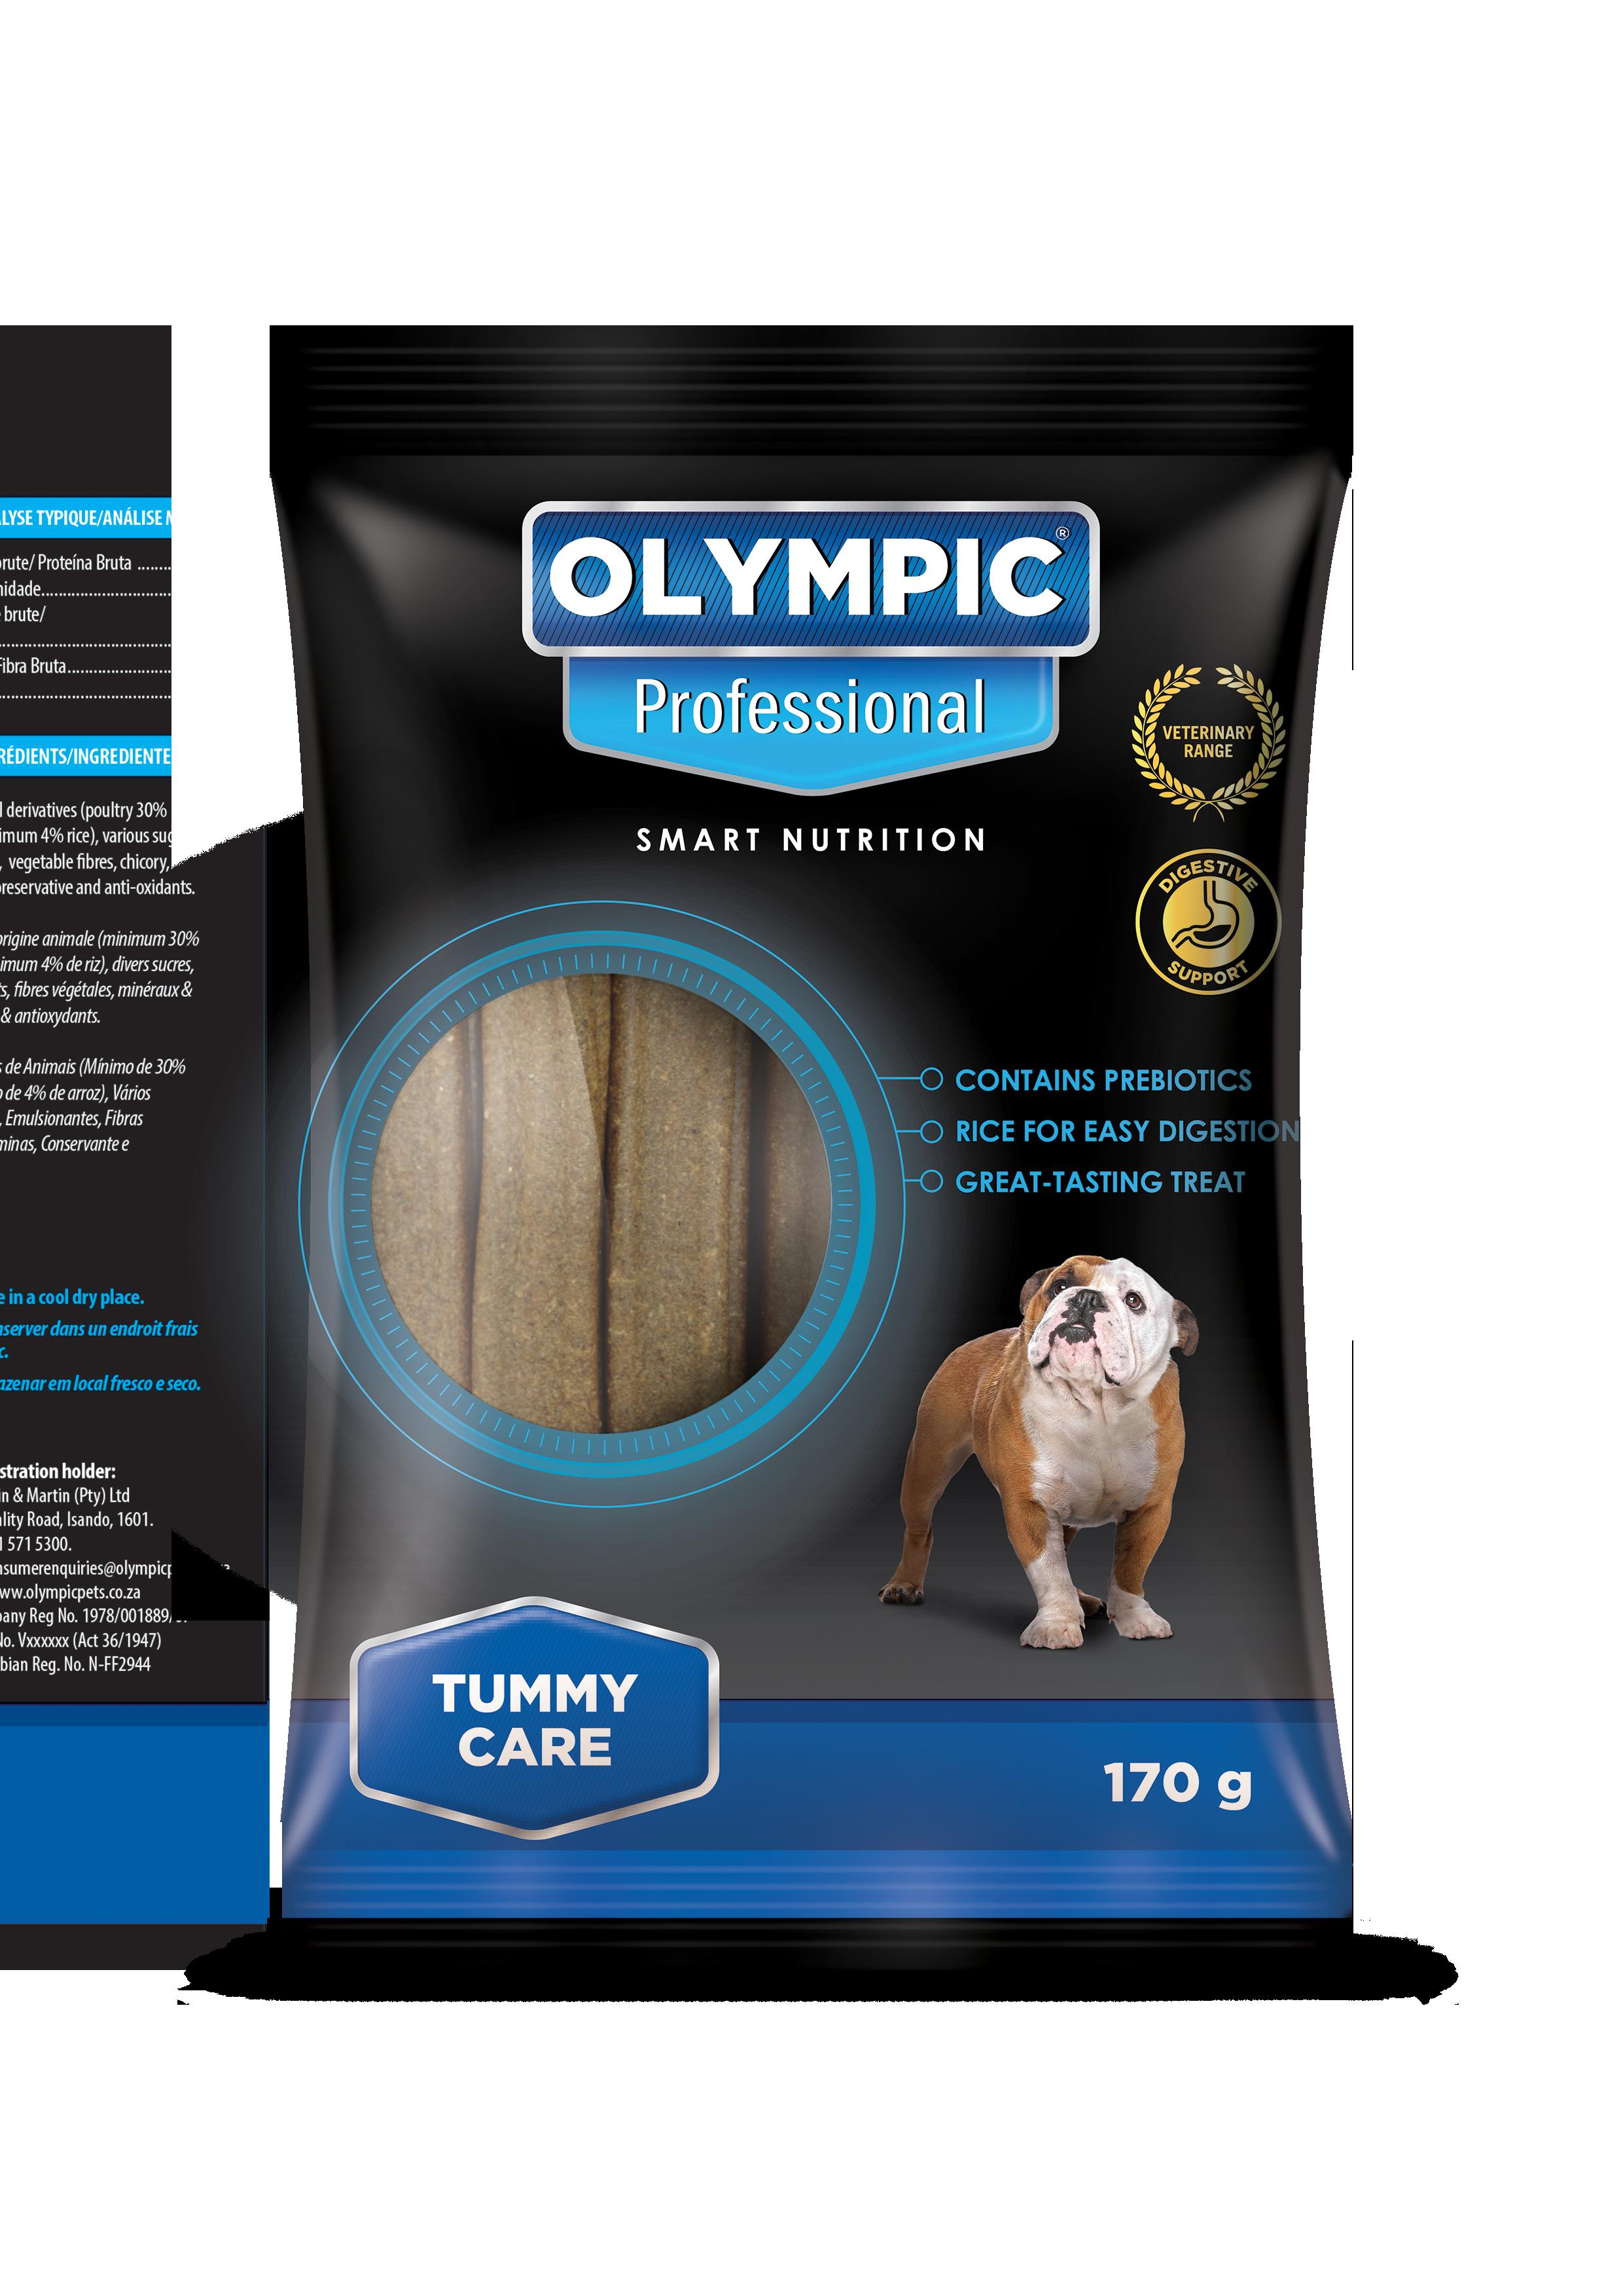 olympic-tummy-care-treats